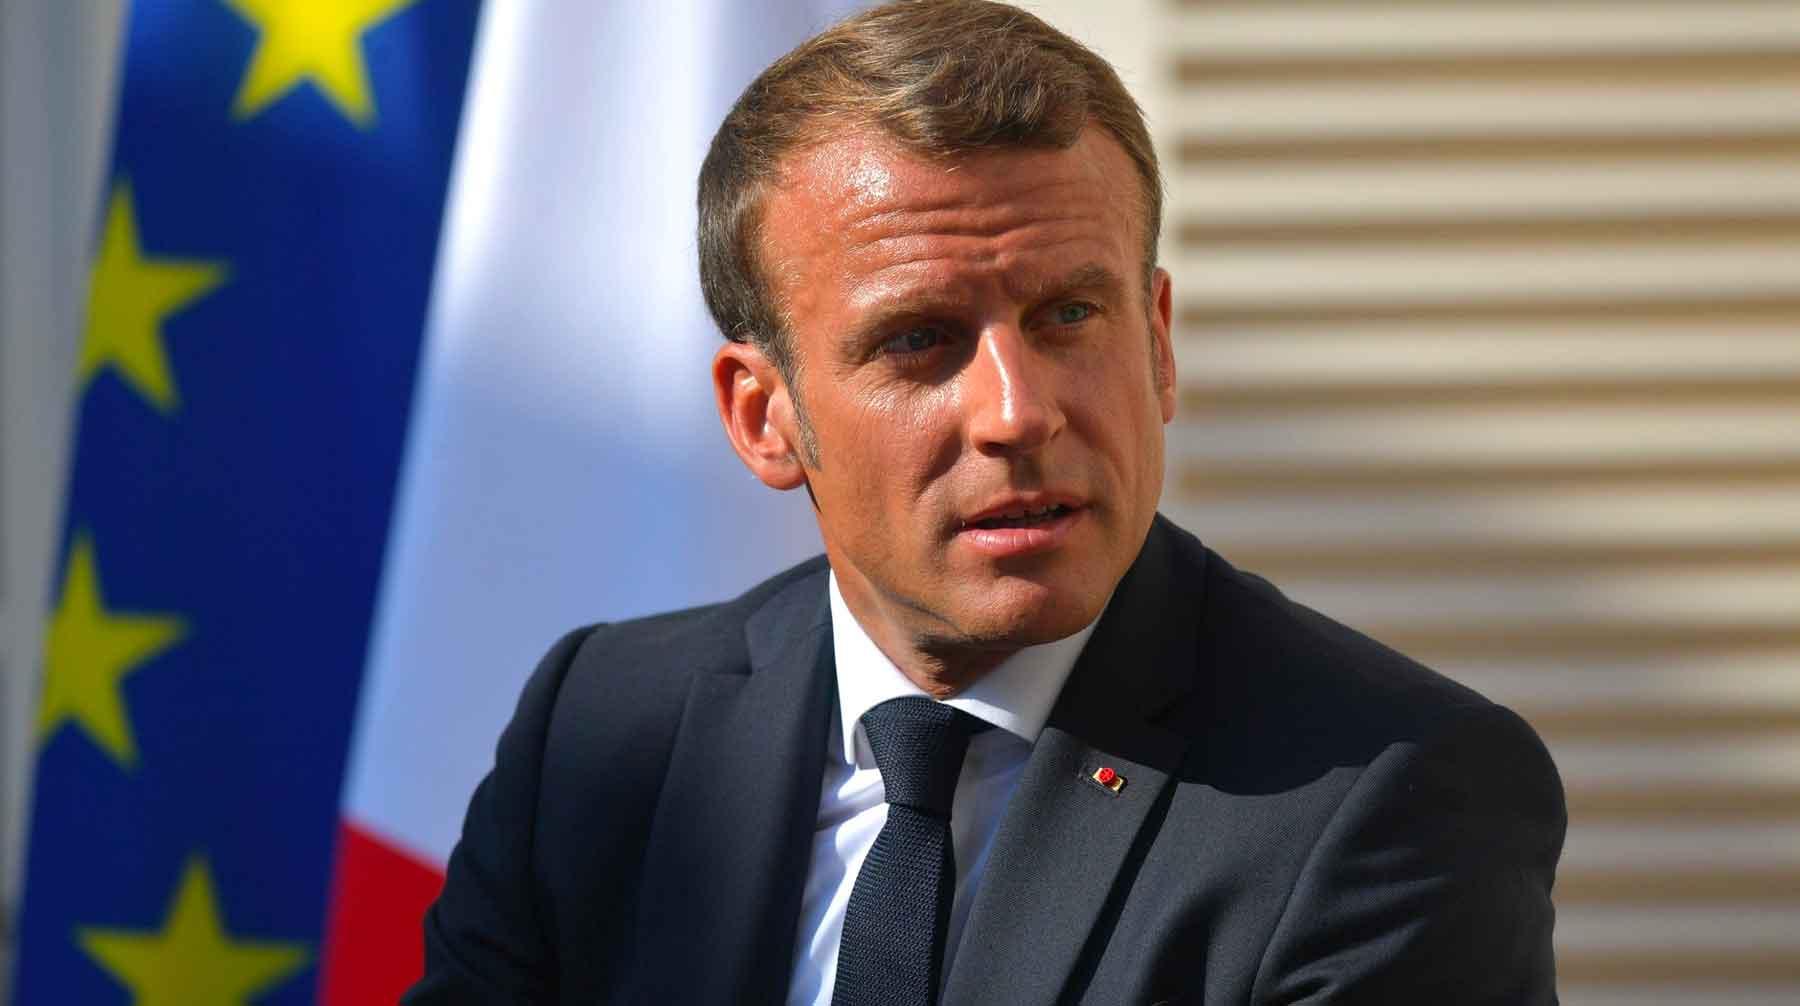 Президент Франции призвал защитить европейскую историю от фальсификаций Фото: © GLOBAL LOOK press / Kremlin Pool